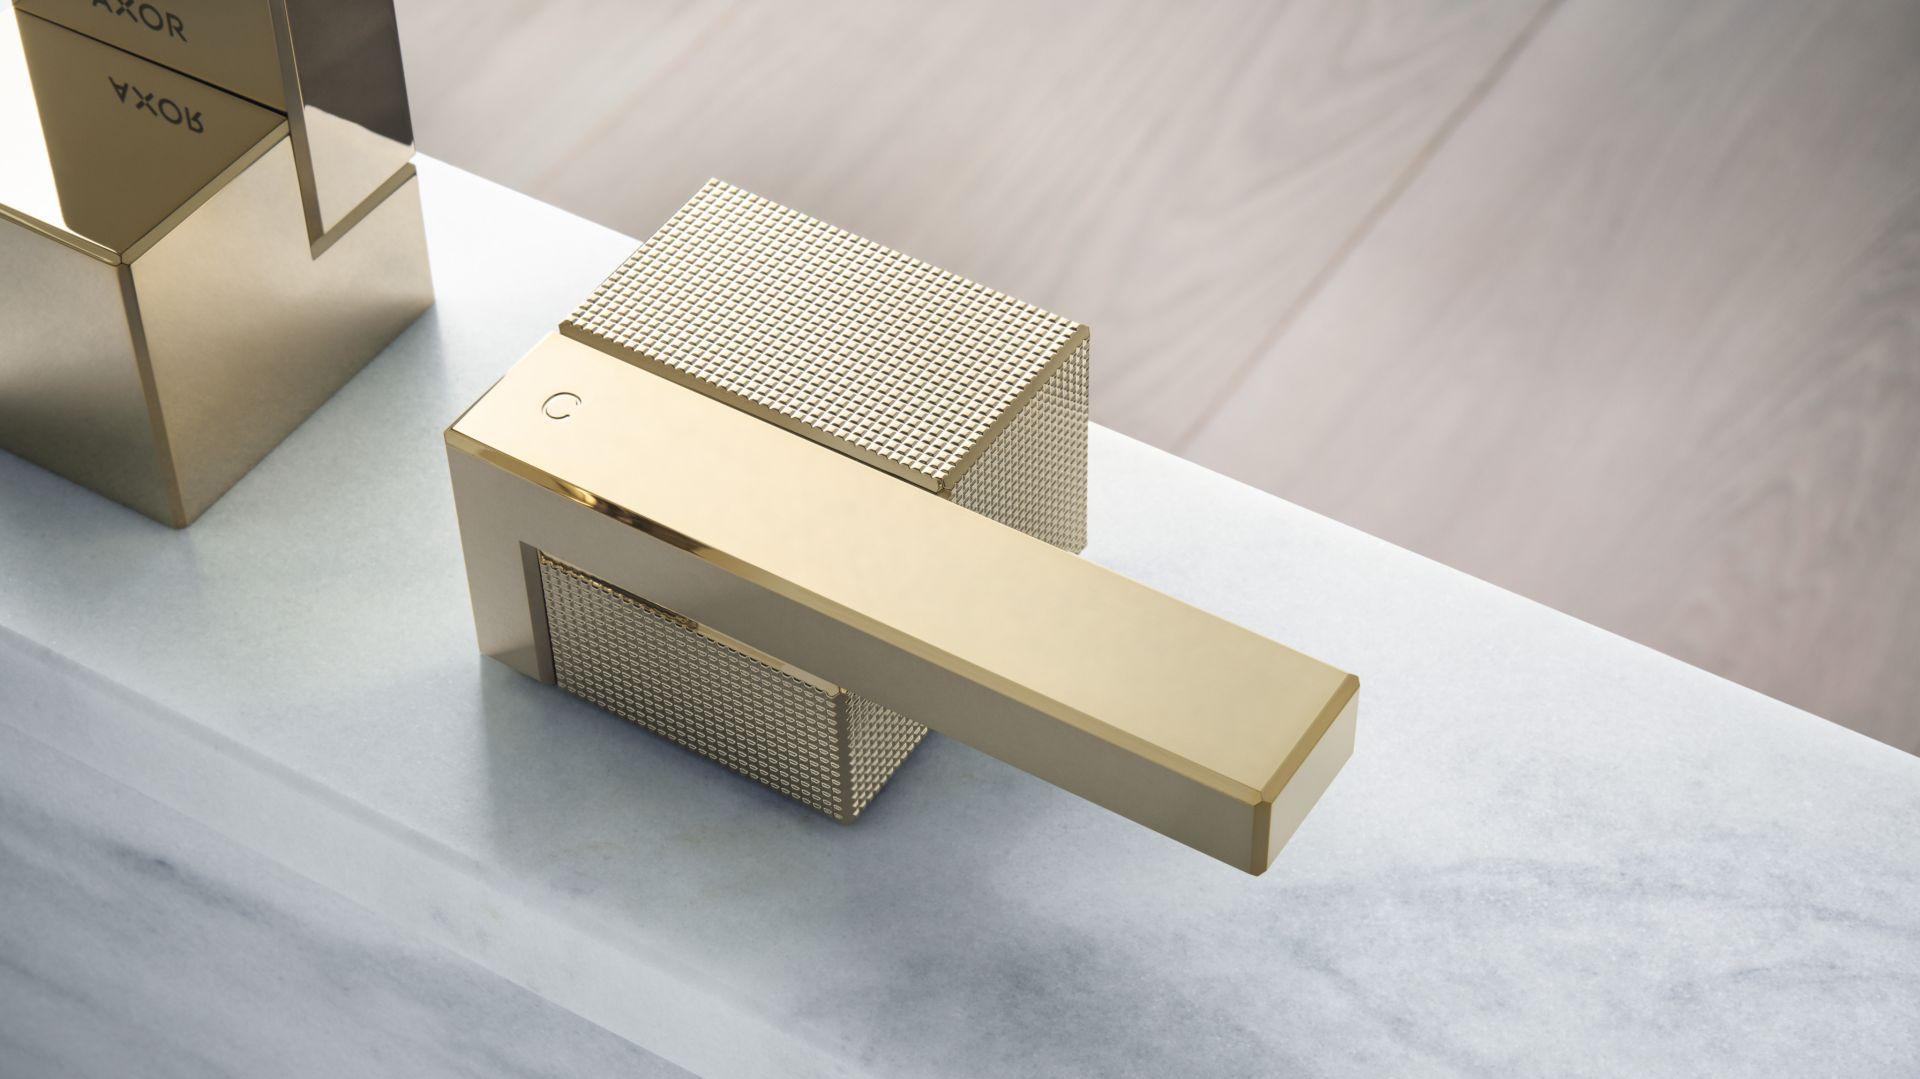 Elegancka prostota geometrycznych form i niezwykła precyzja wykonania to kwintesencja luksusowej linii baterii łazienkowych Axor Edge. Fot. mat. prasowe Greston